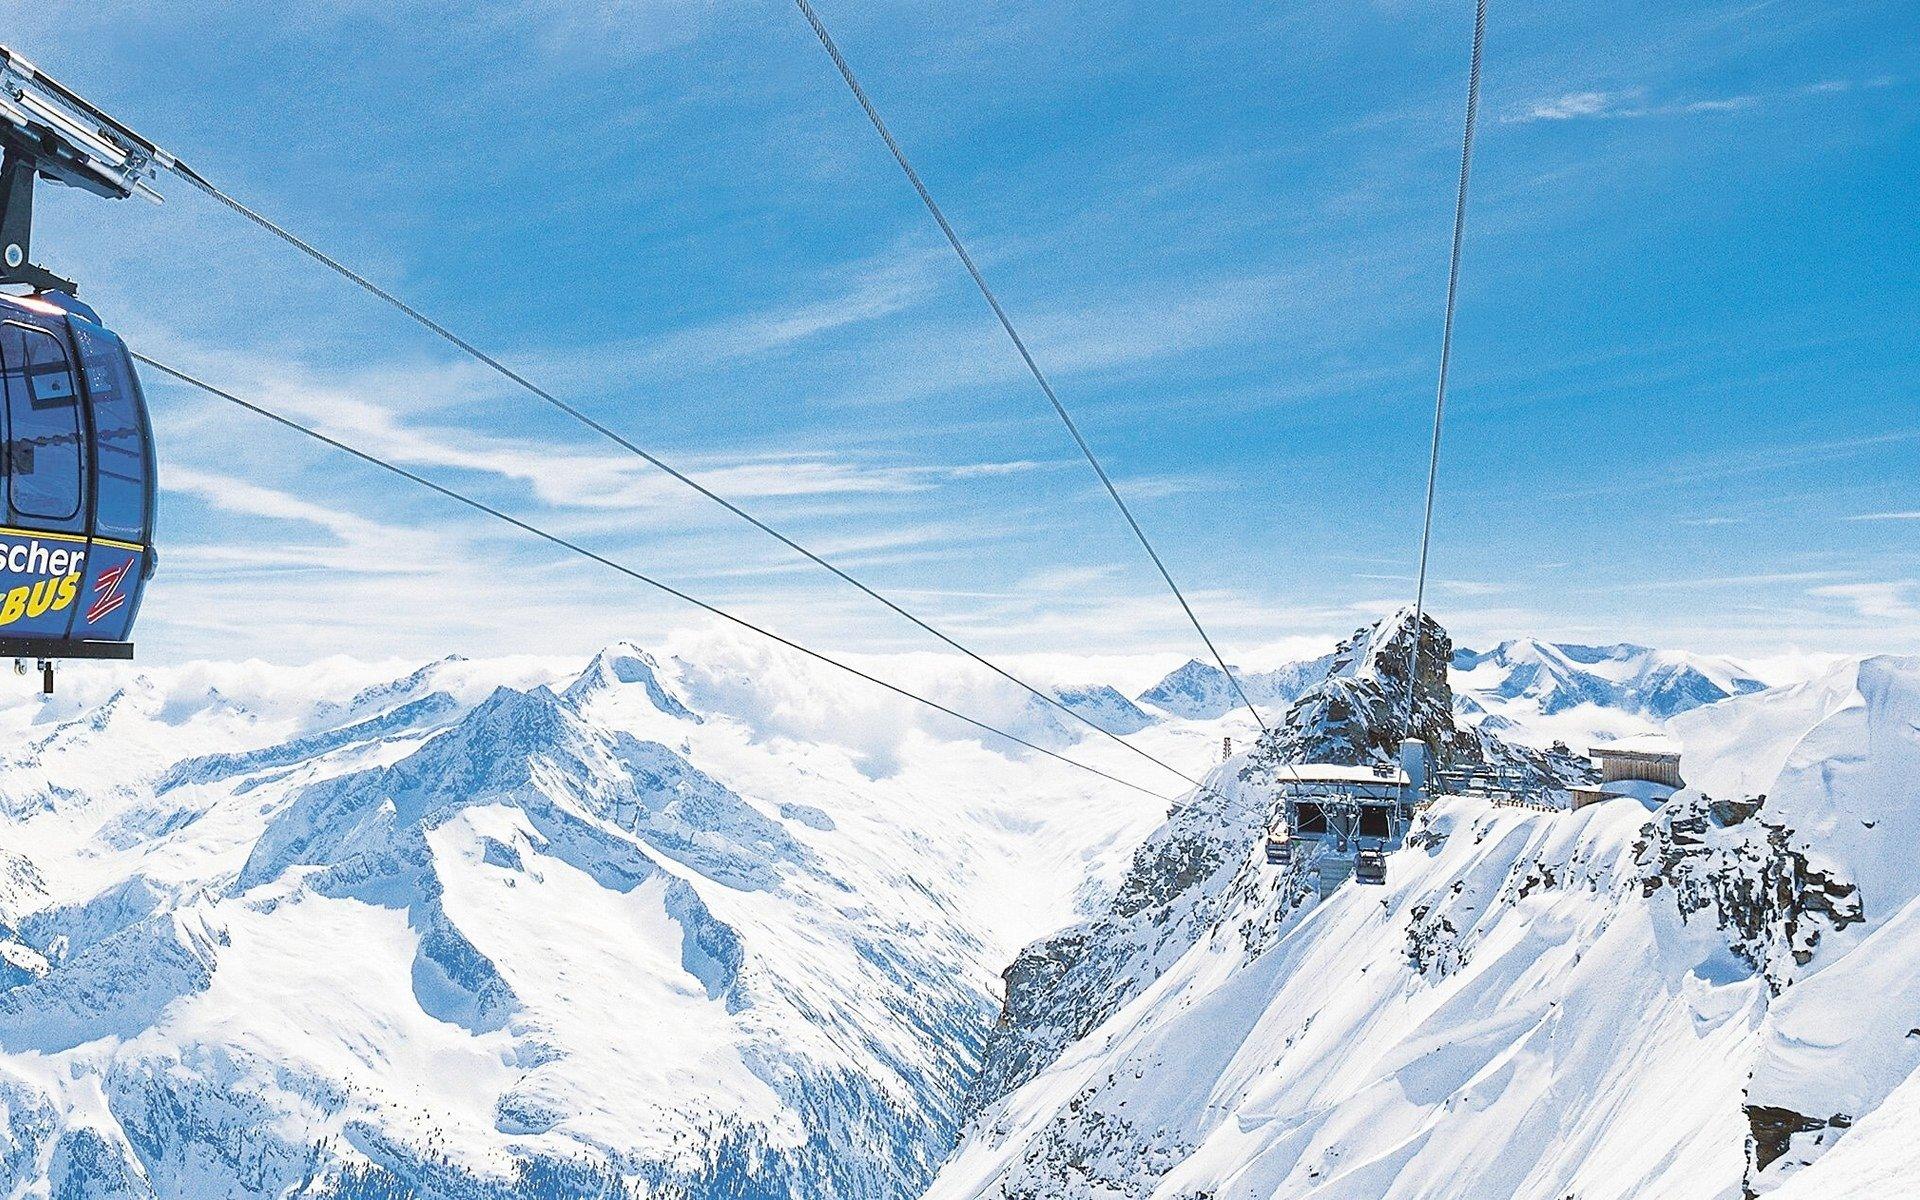 Snowboarding Wallpapers for Desktop - WallpaperSafari